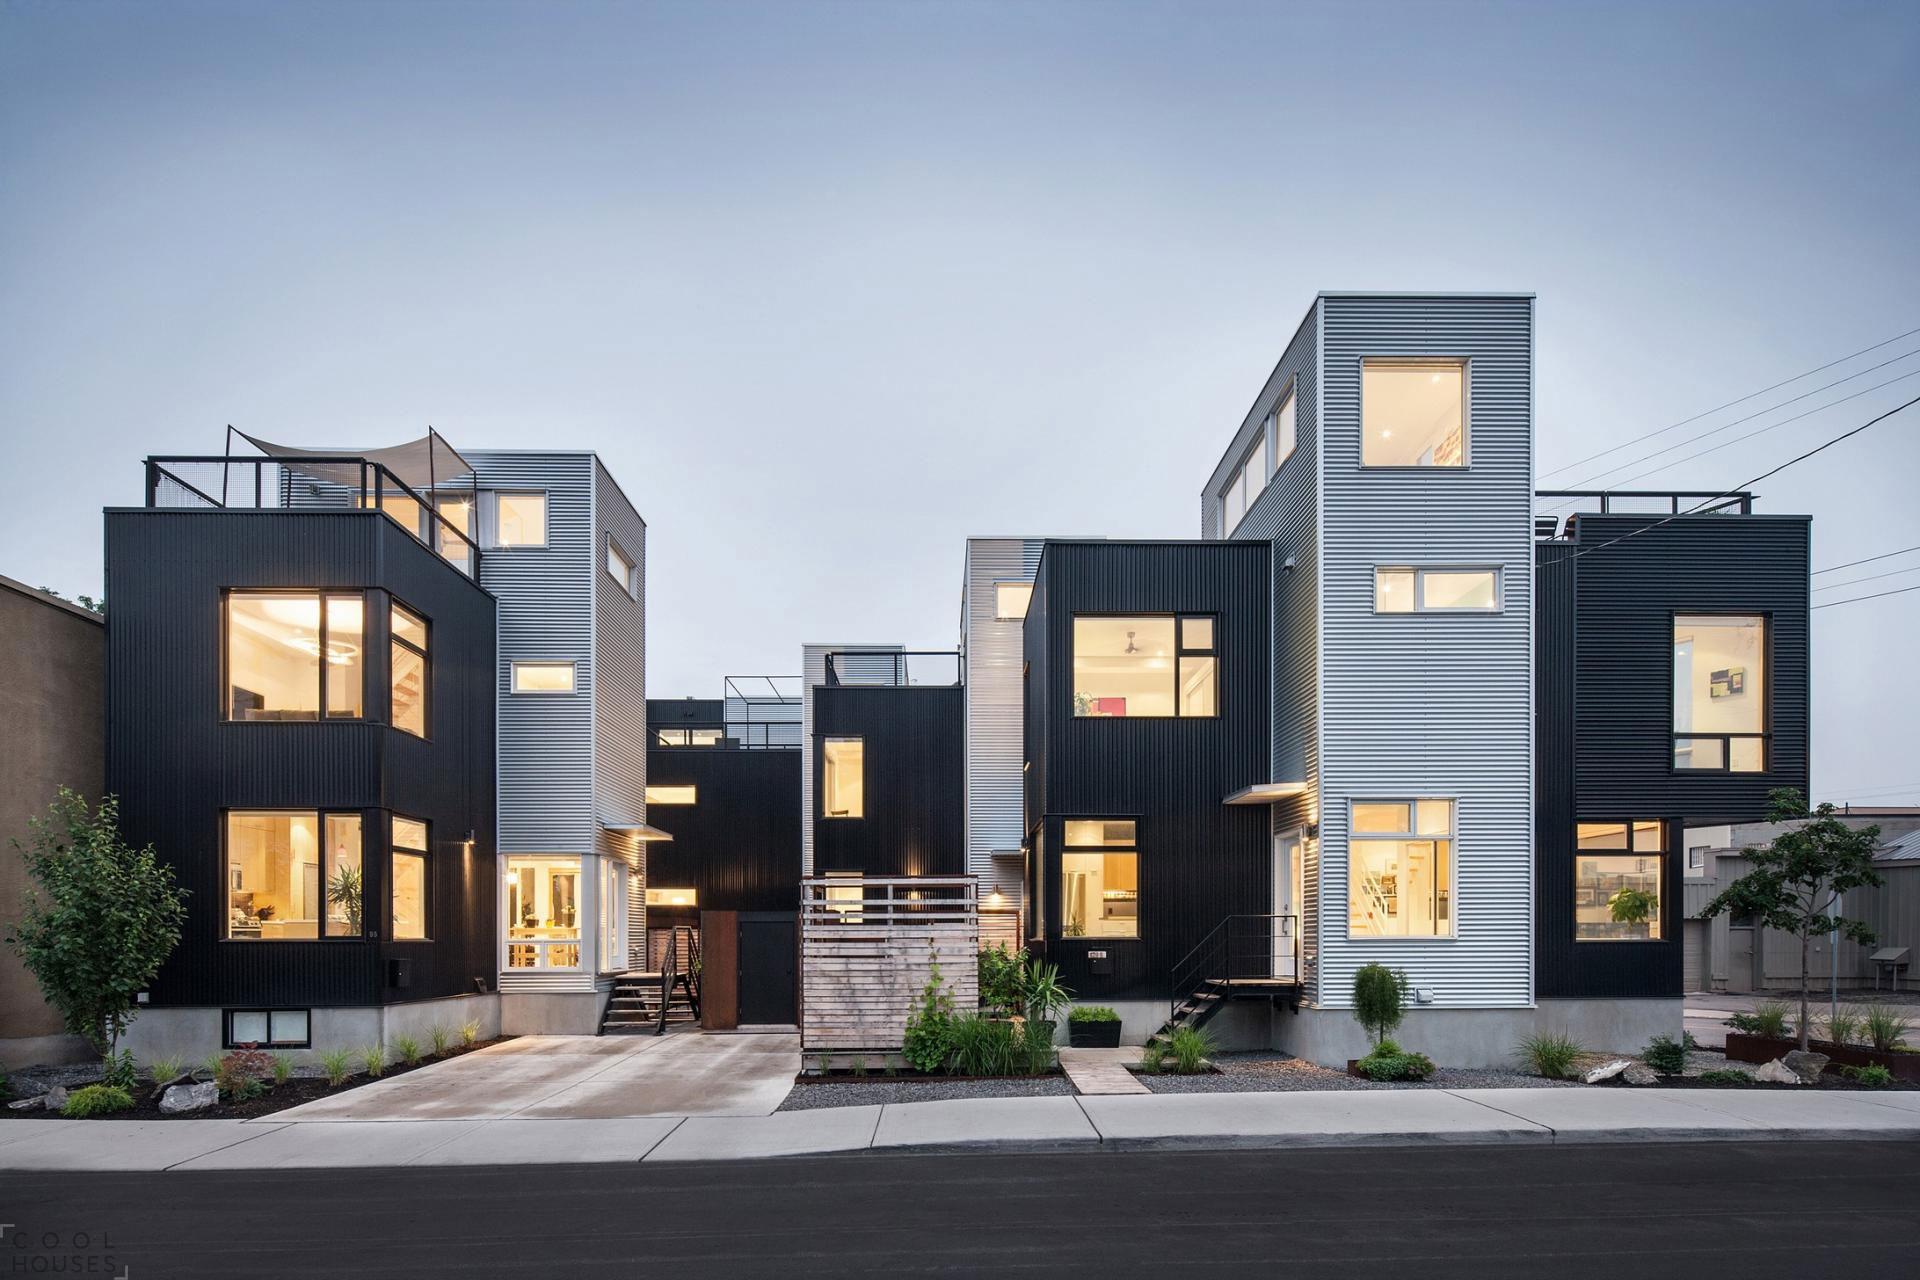 Современный жилой комплекс с ярким фасадом в индустриальном стиле в Оттаве